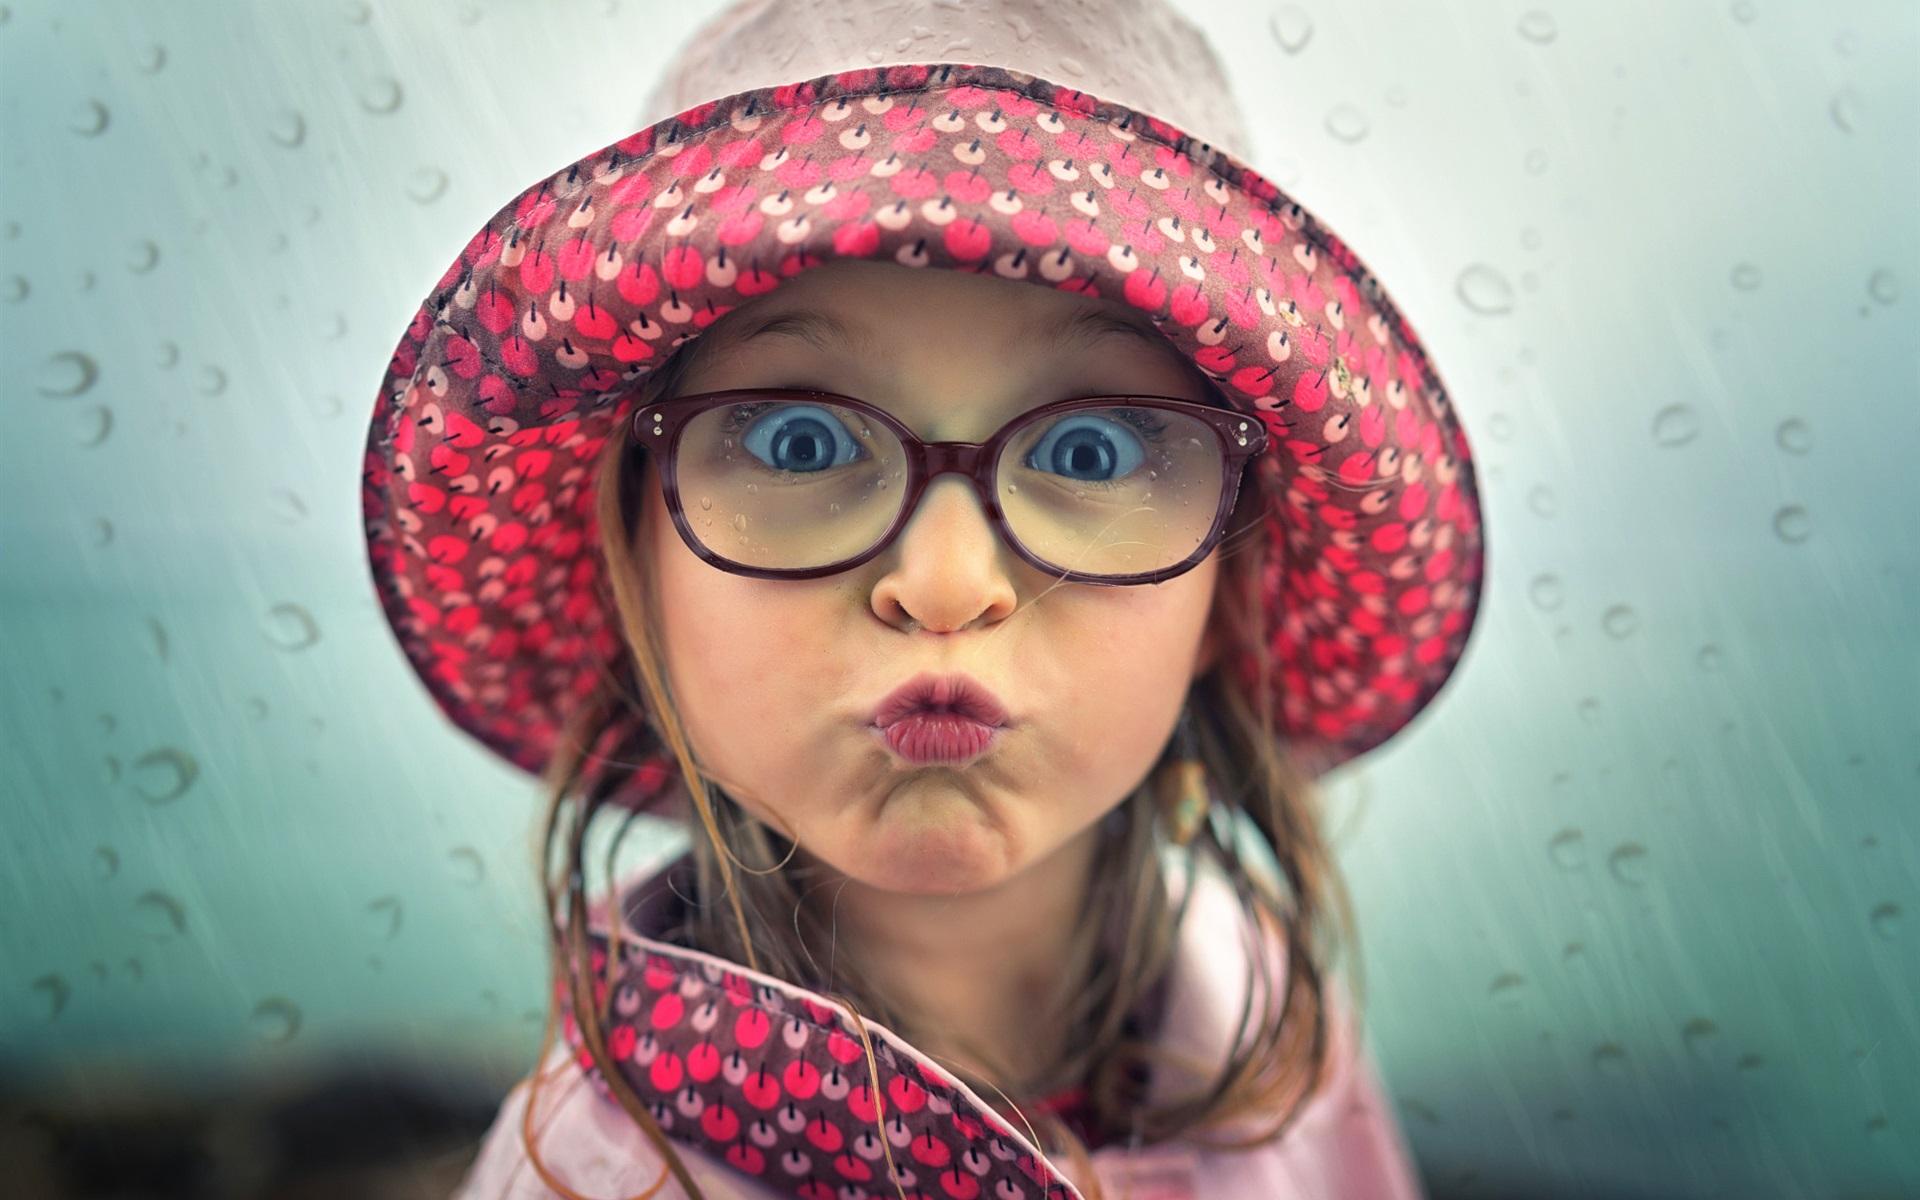 Пожелание, картинки маленькие смешные девочки